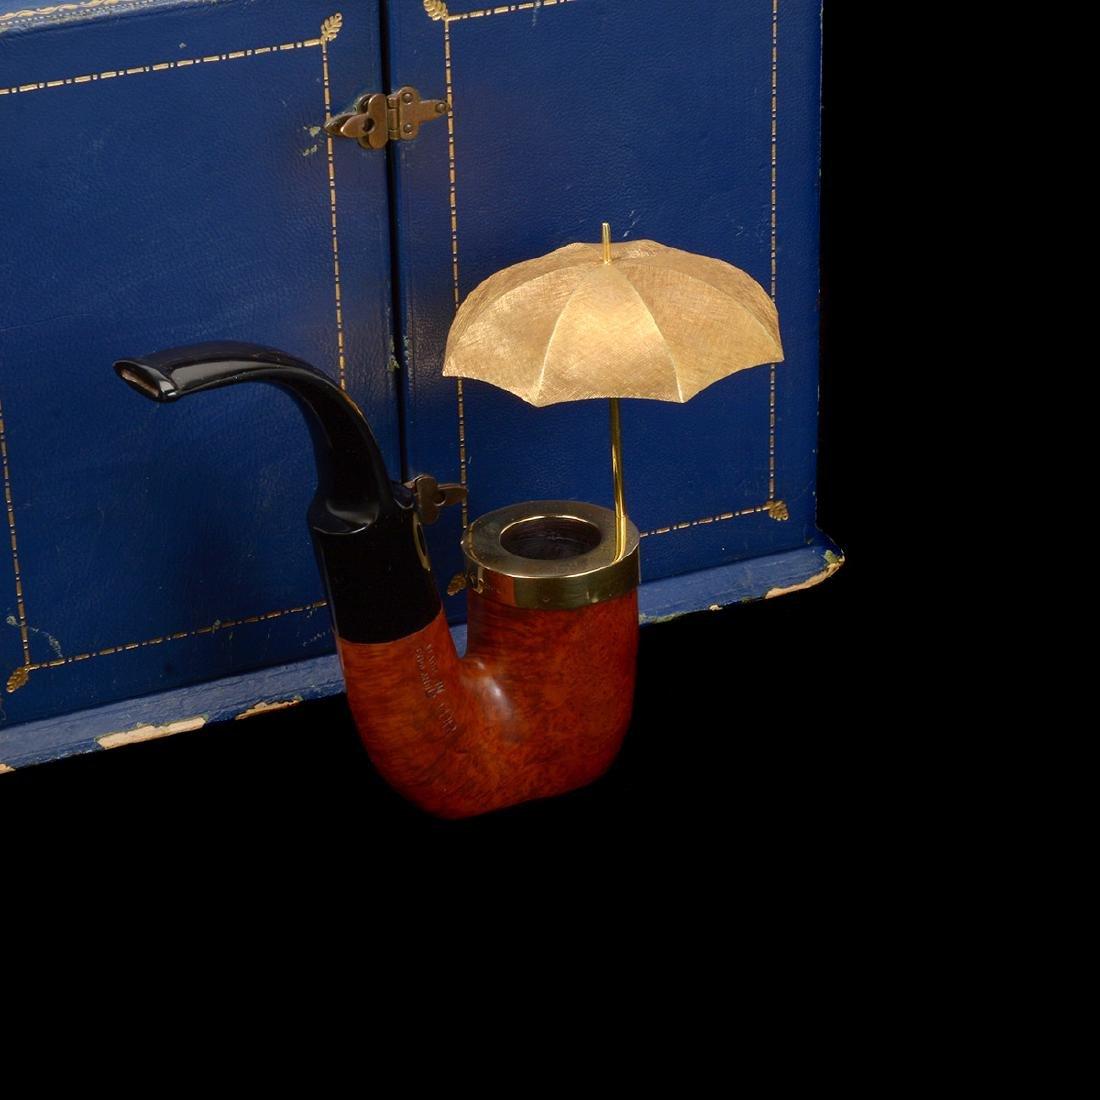 Dunhill Umbrella Pipe with Presentation Box - 6